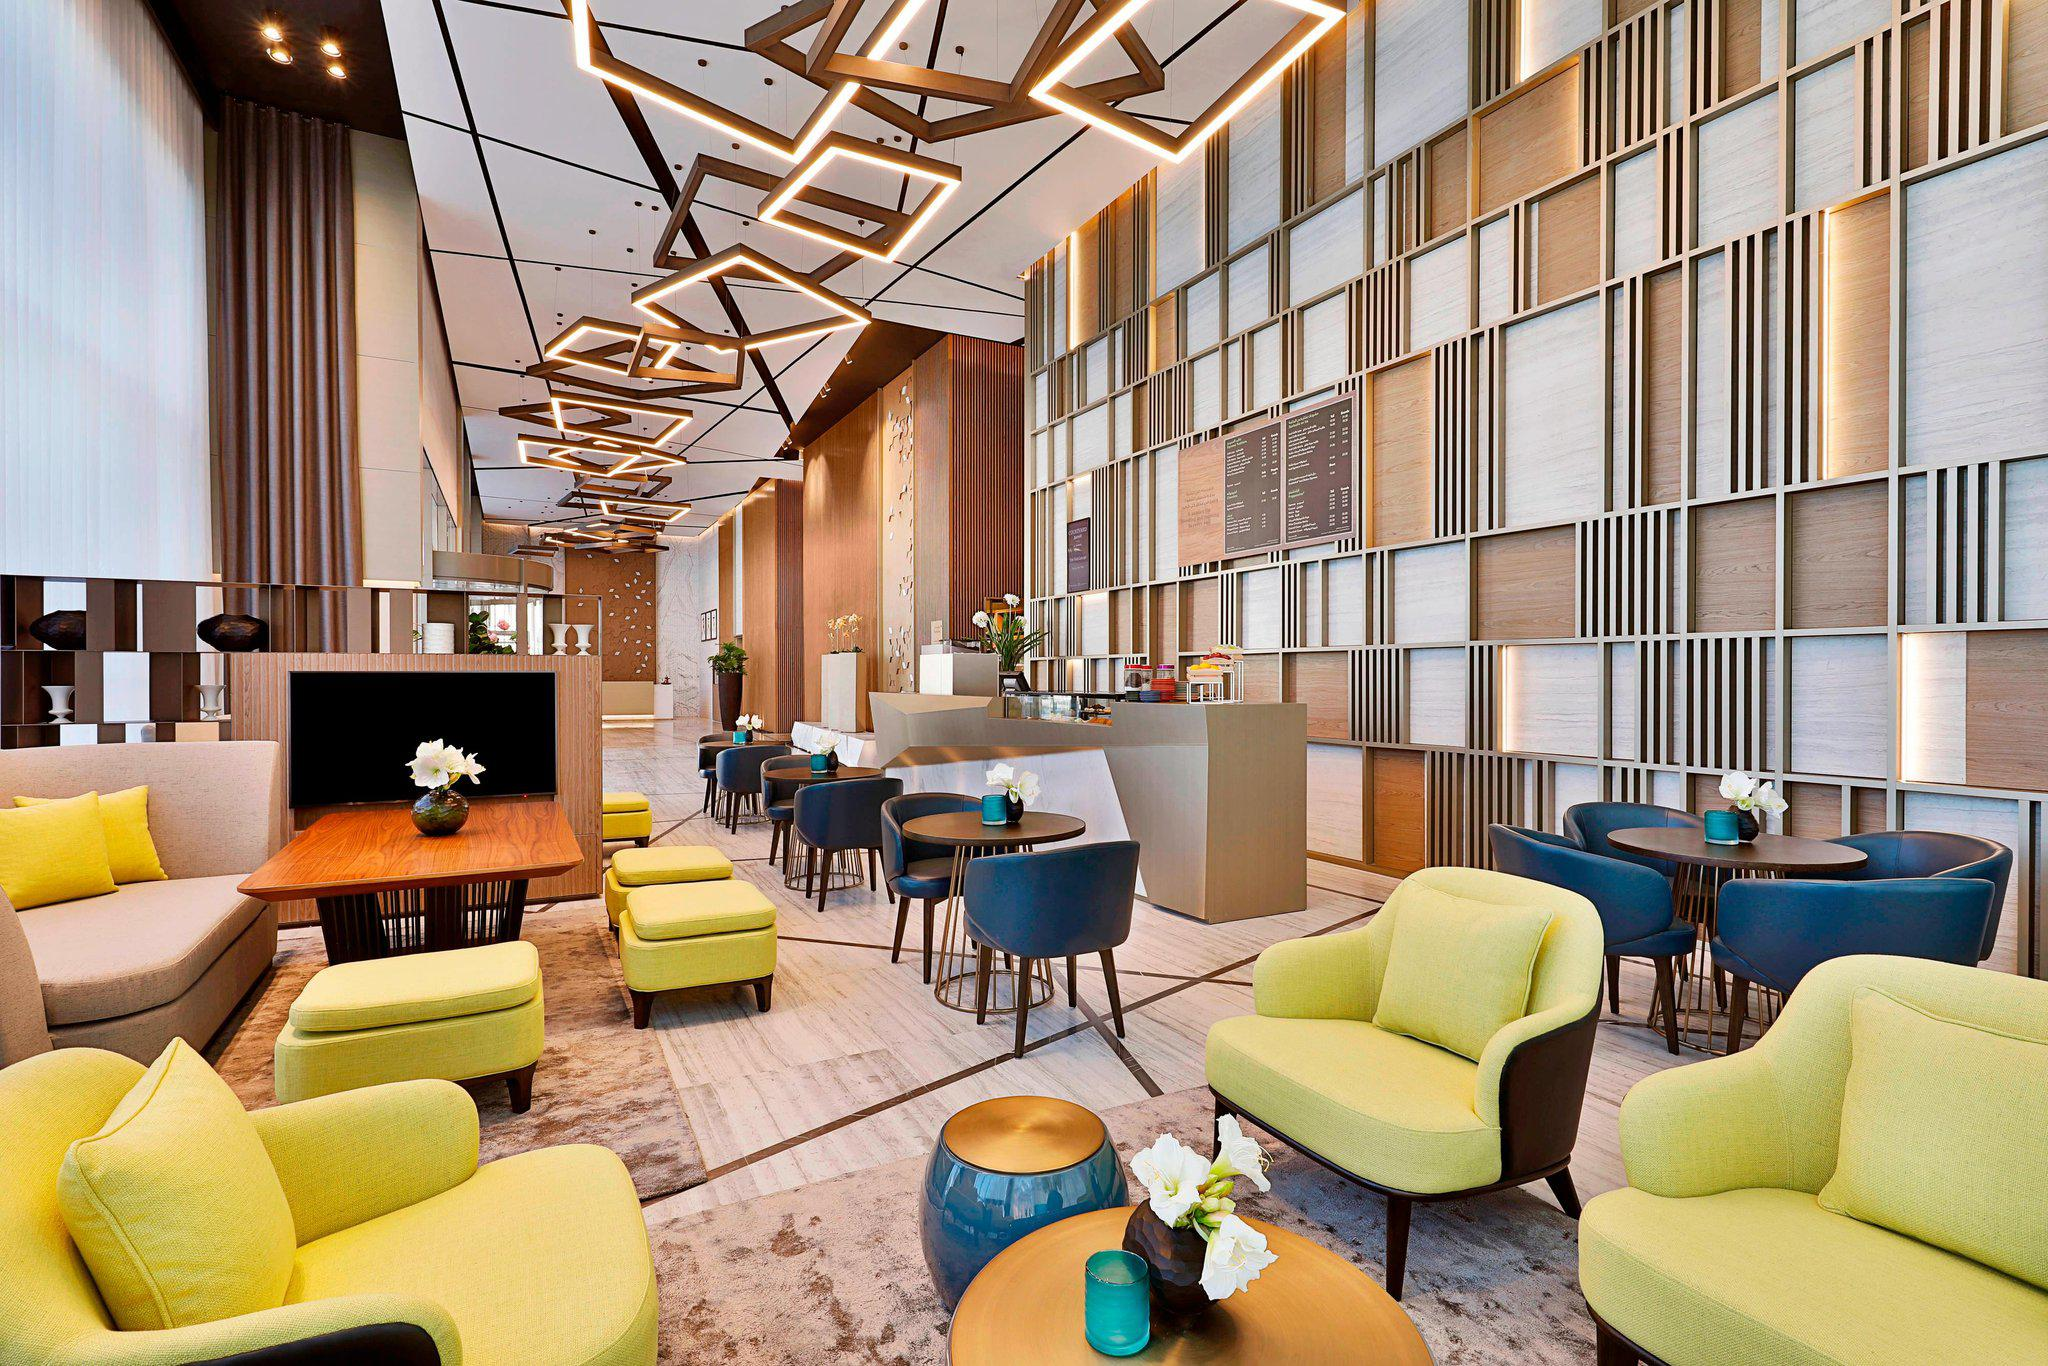 Courtyard by Marriott Al Barsha, Dubai